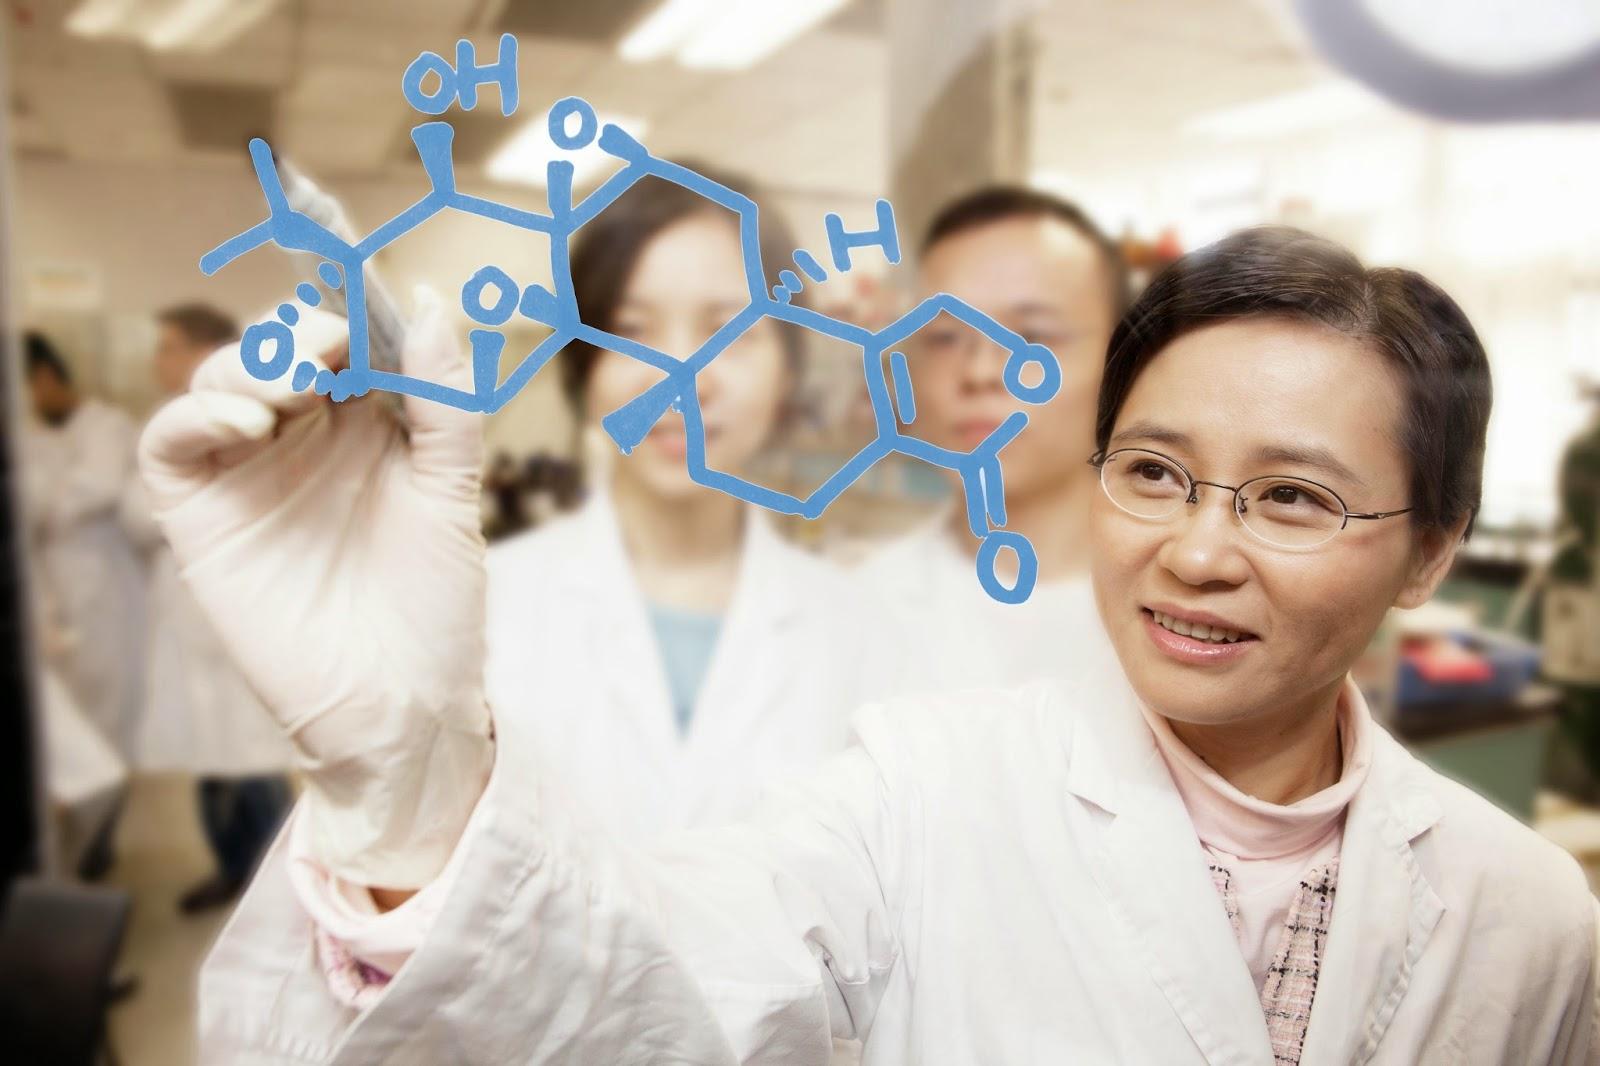 Cara Jepang Mengembangkan Ilmu Pengetahuan